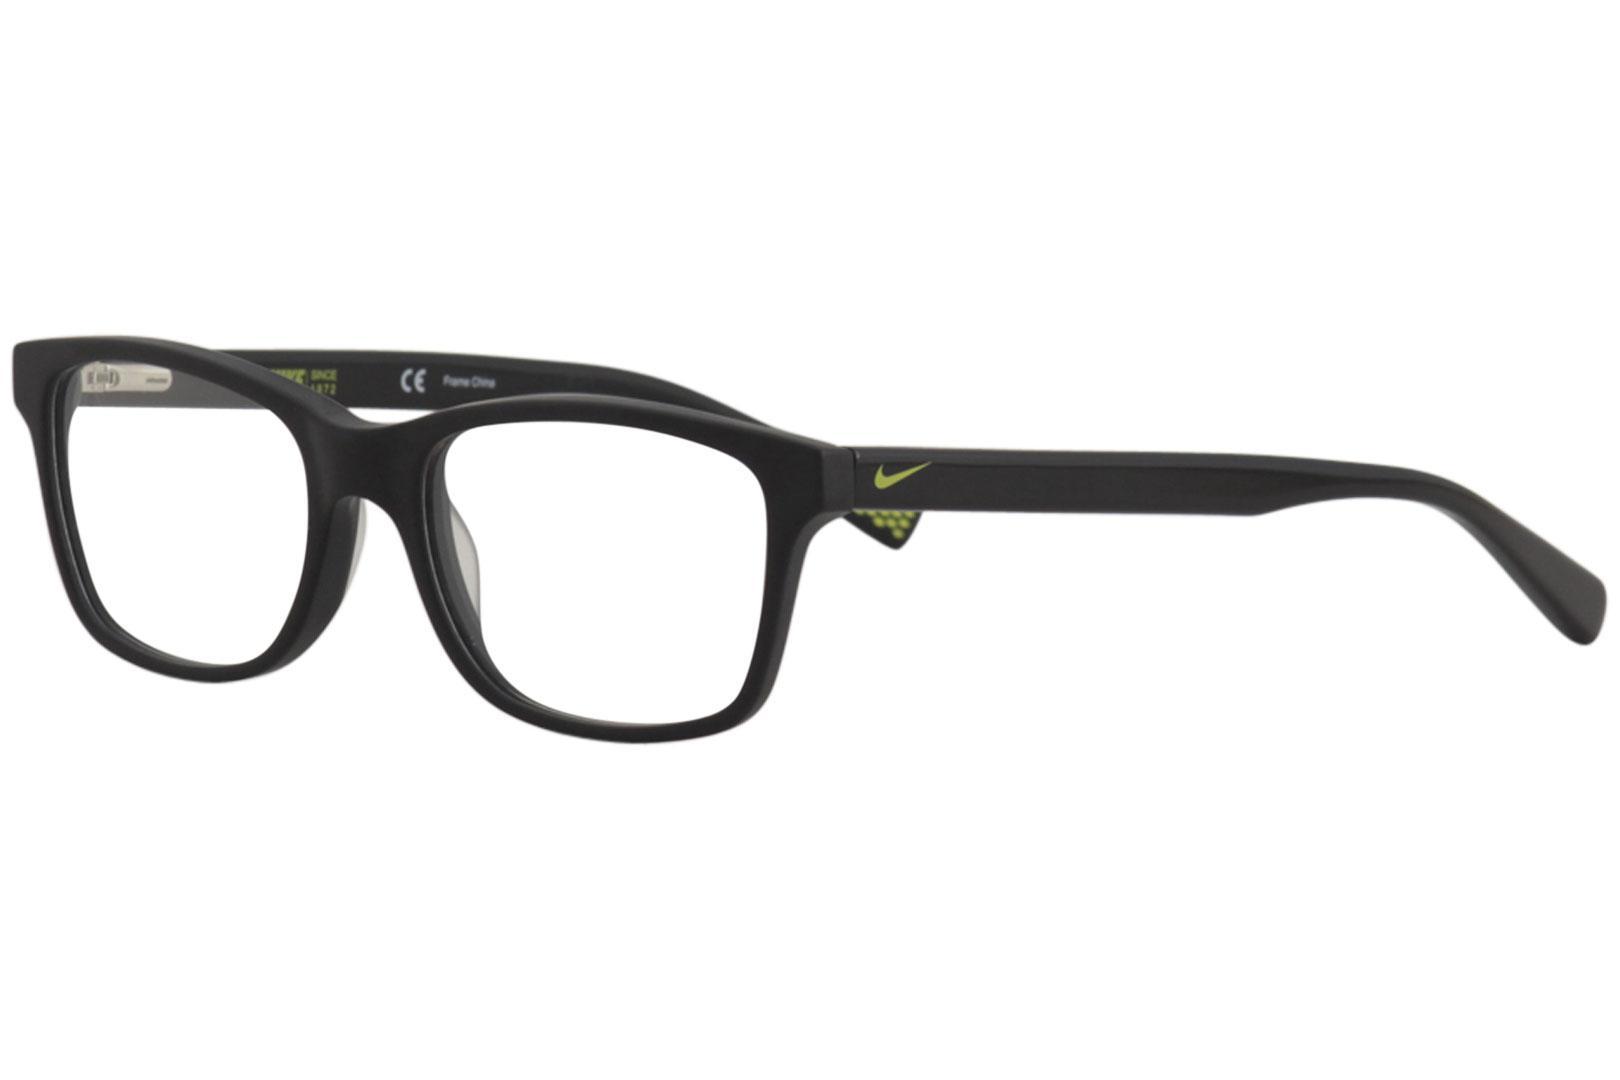 e703fe85a6b Nike Men s Eyeglasses 5015 002 Black Full Rim Optical Frame 48mm ...